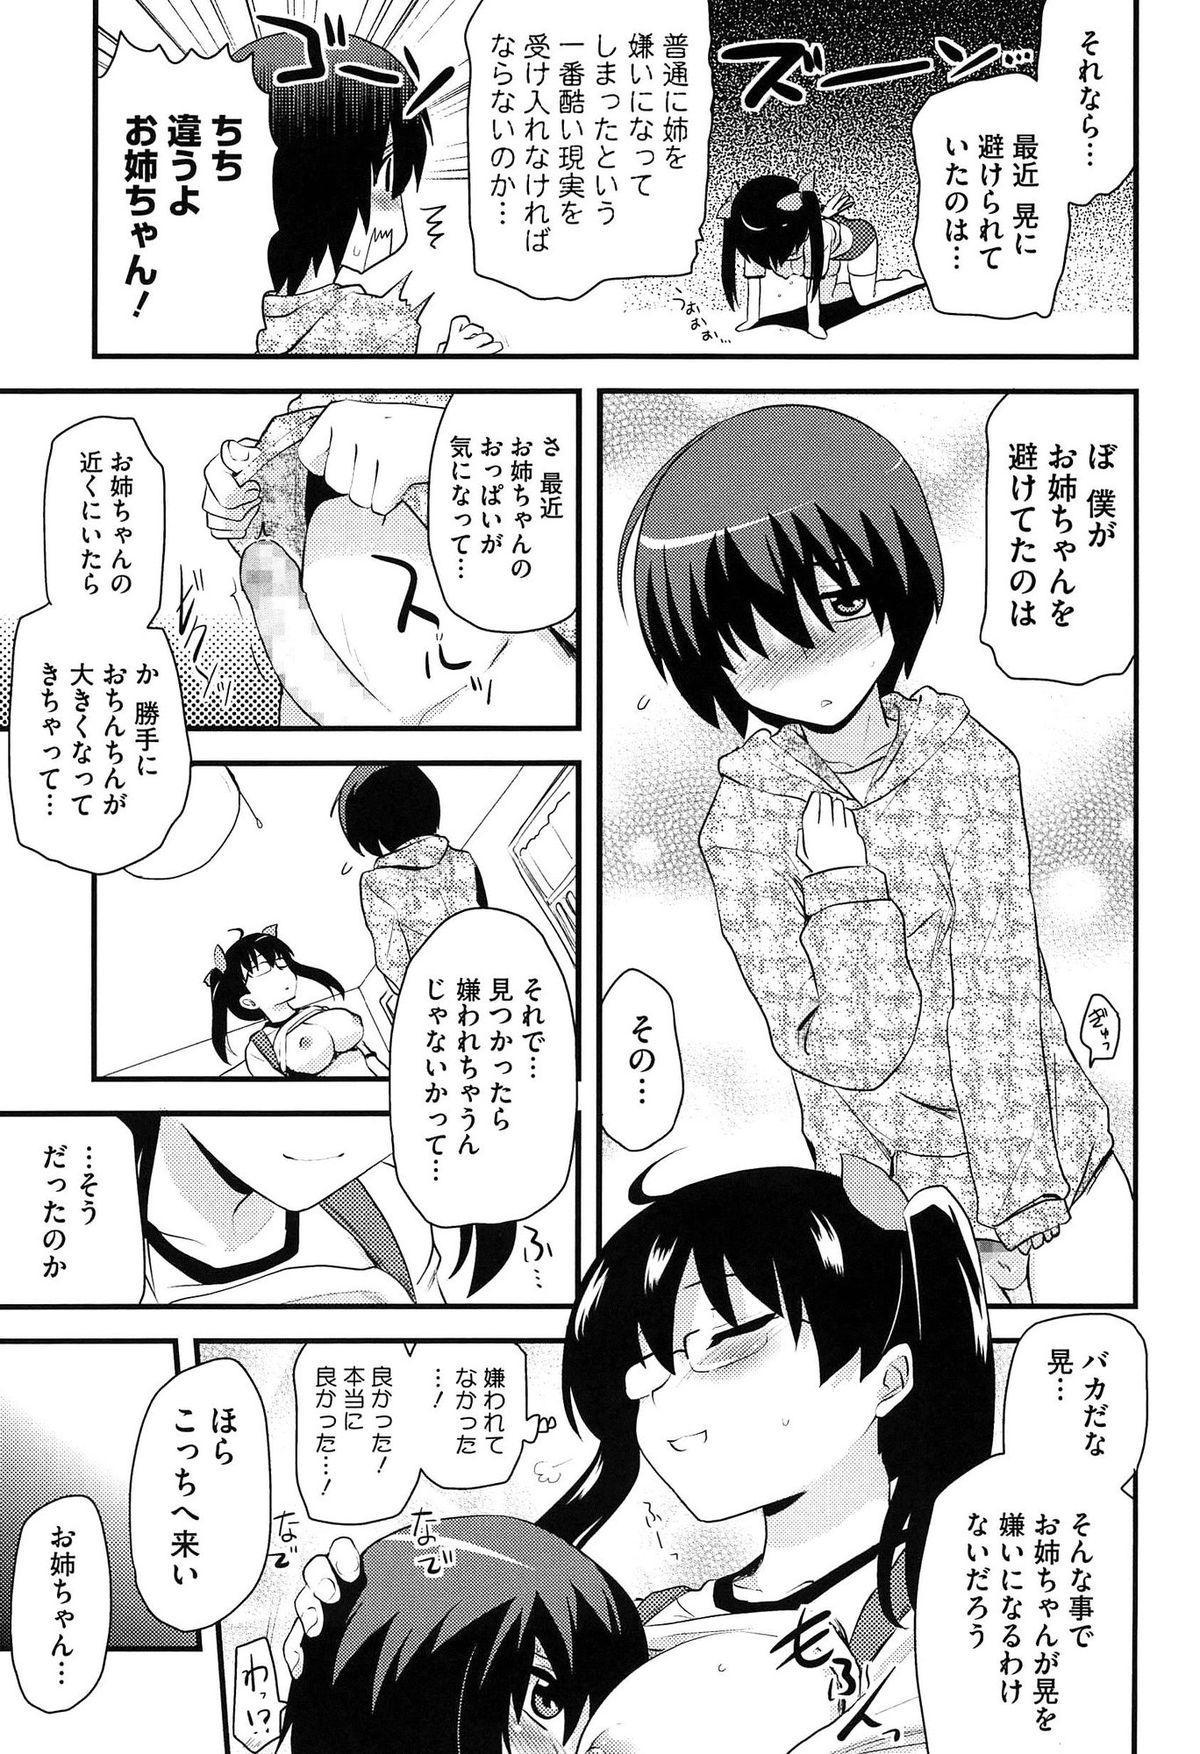 Hotondo no Ane wa H ga Shitai 149